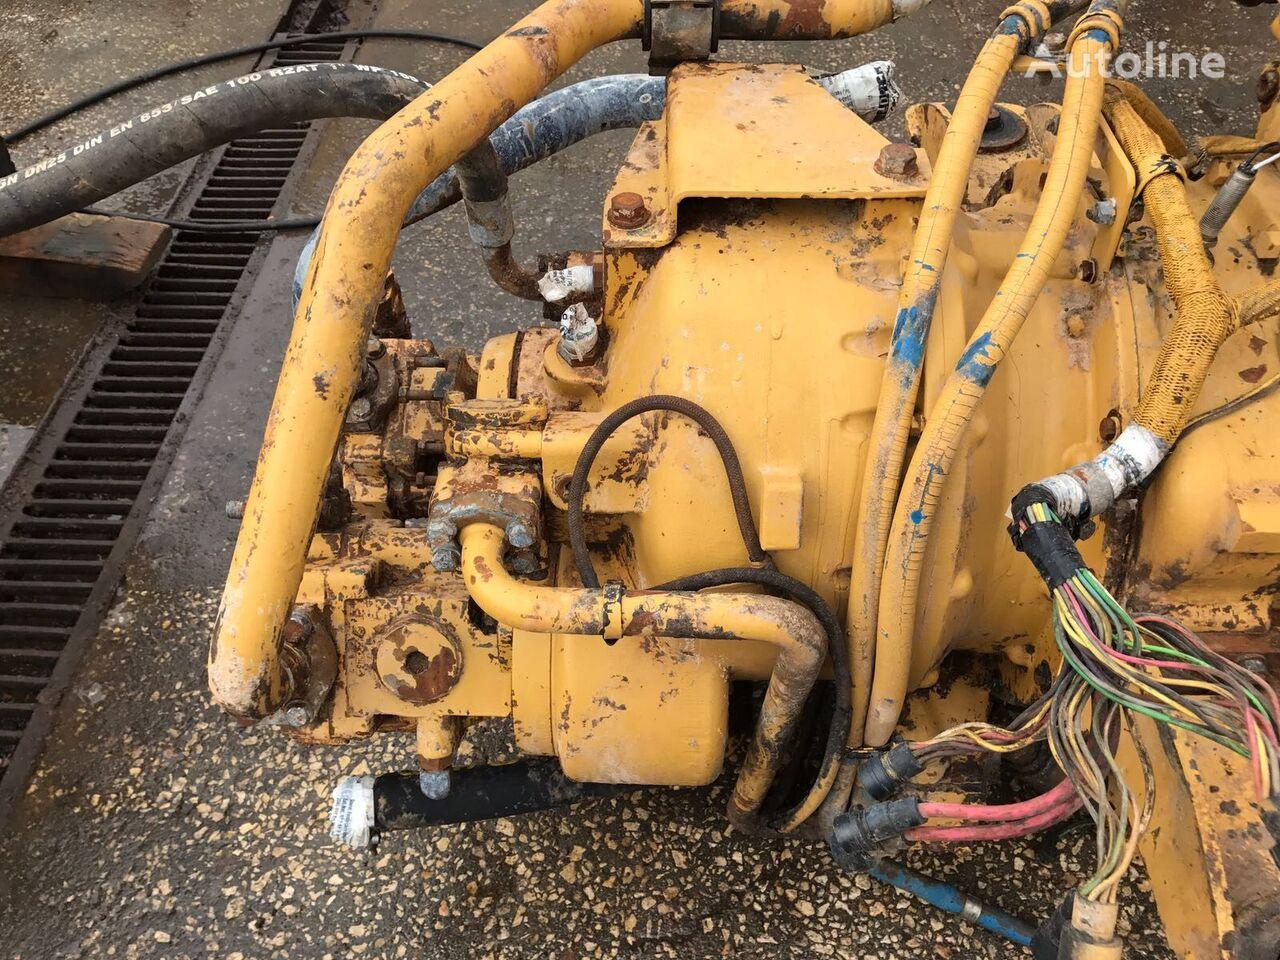 CATERPILLAR Torque Converter D250E; D250E II; D25D; D300D; D300E; D300E II; Getriebe für knickgelenkter Dumper